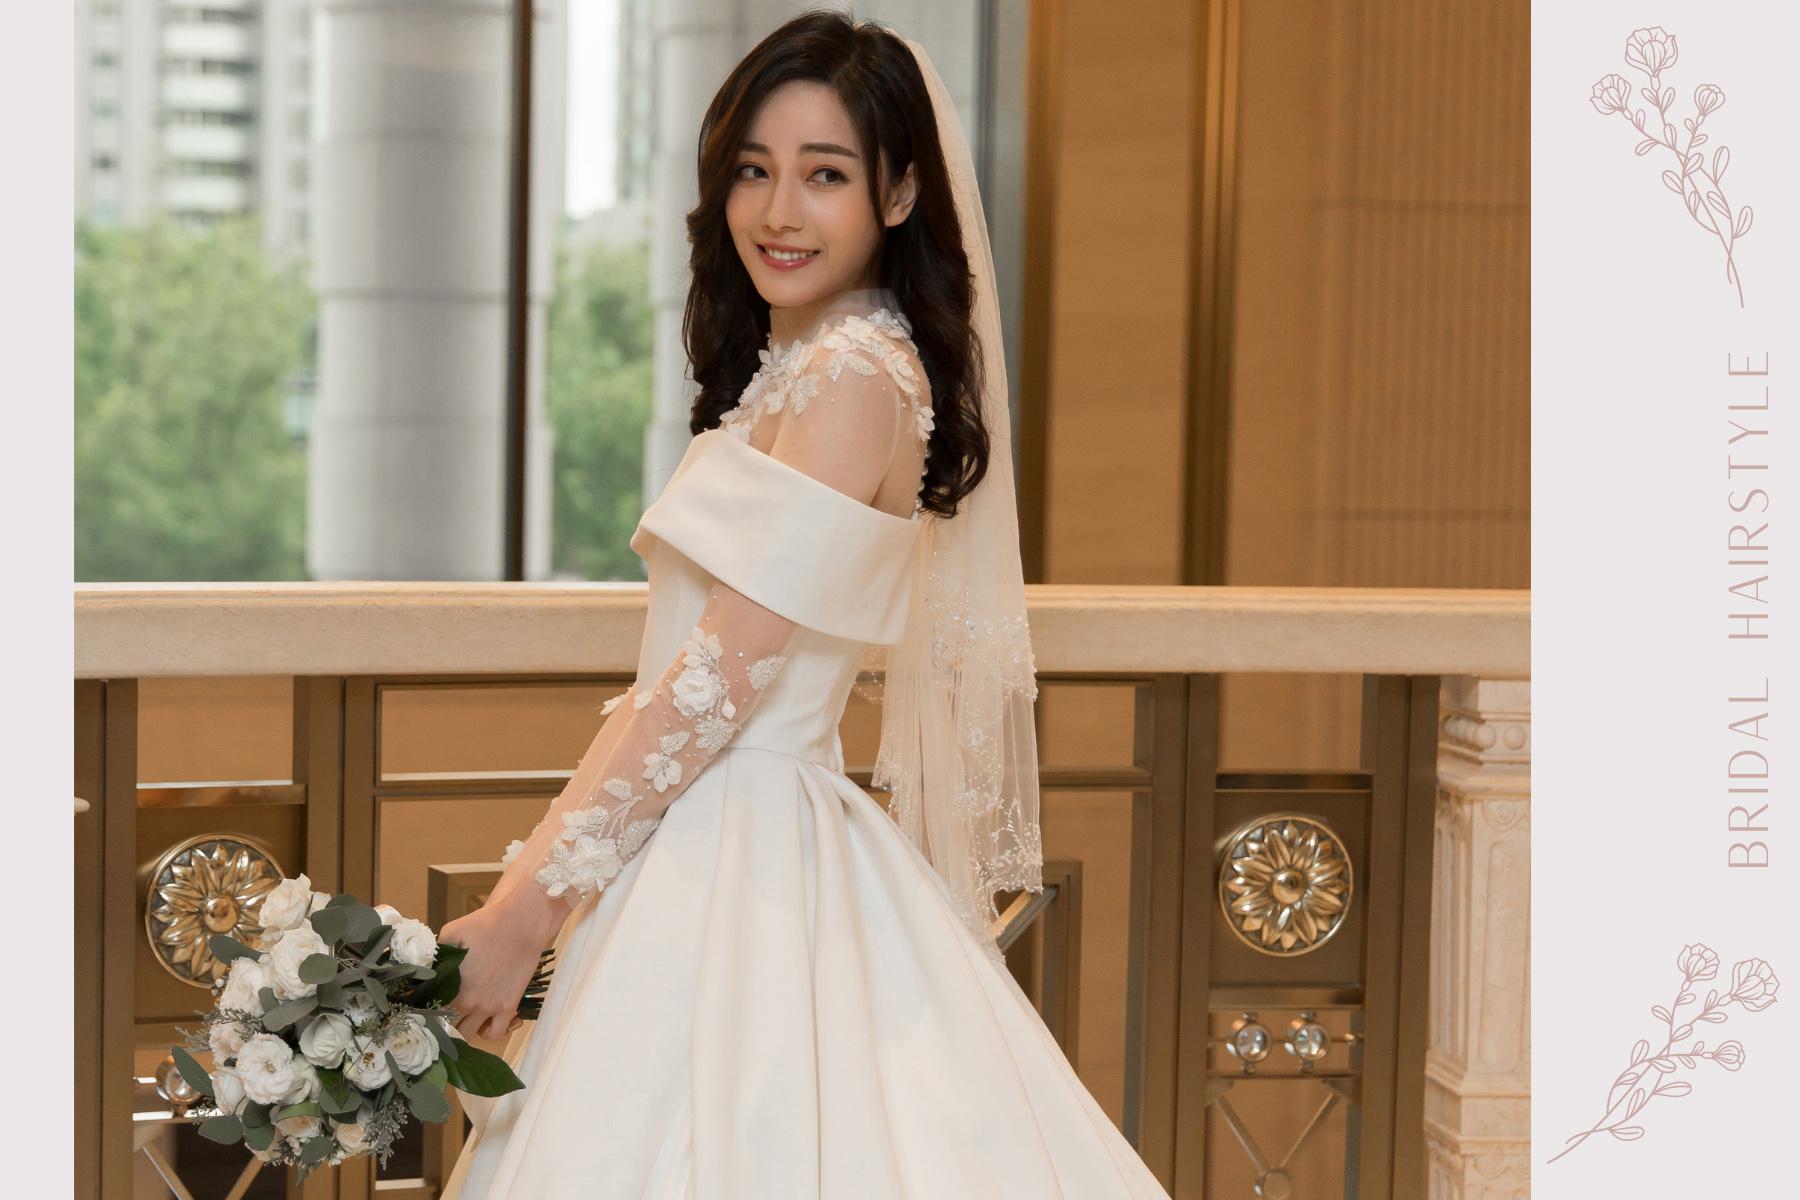 台北新秘|自然優雅又能凸顯個人優點的新娘妝容|美福婚宴